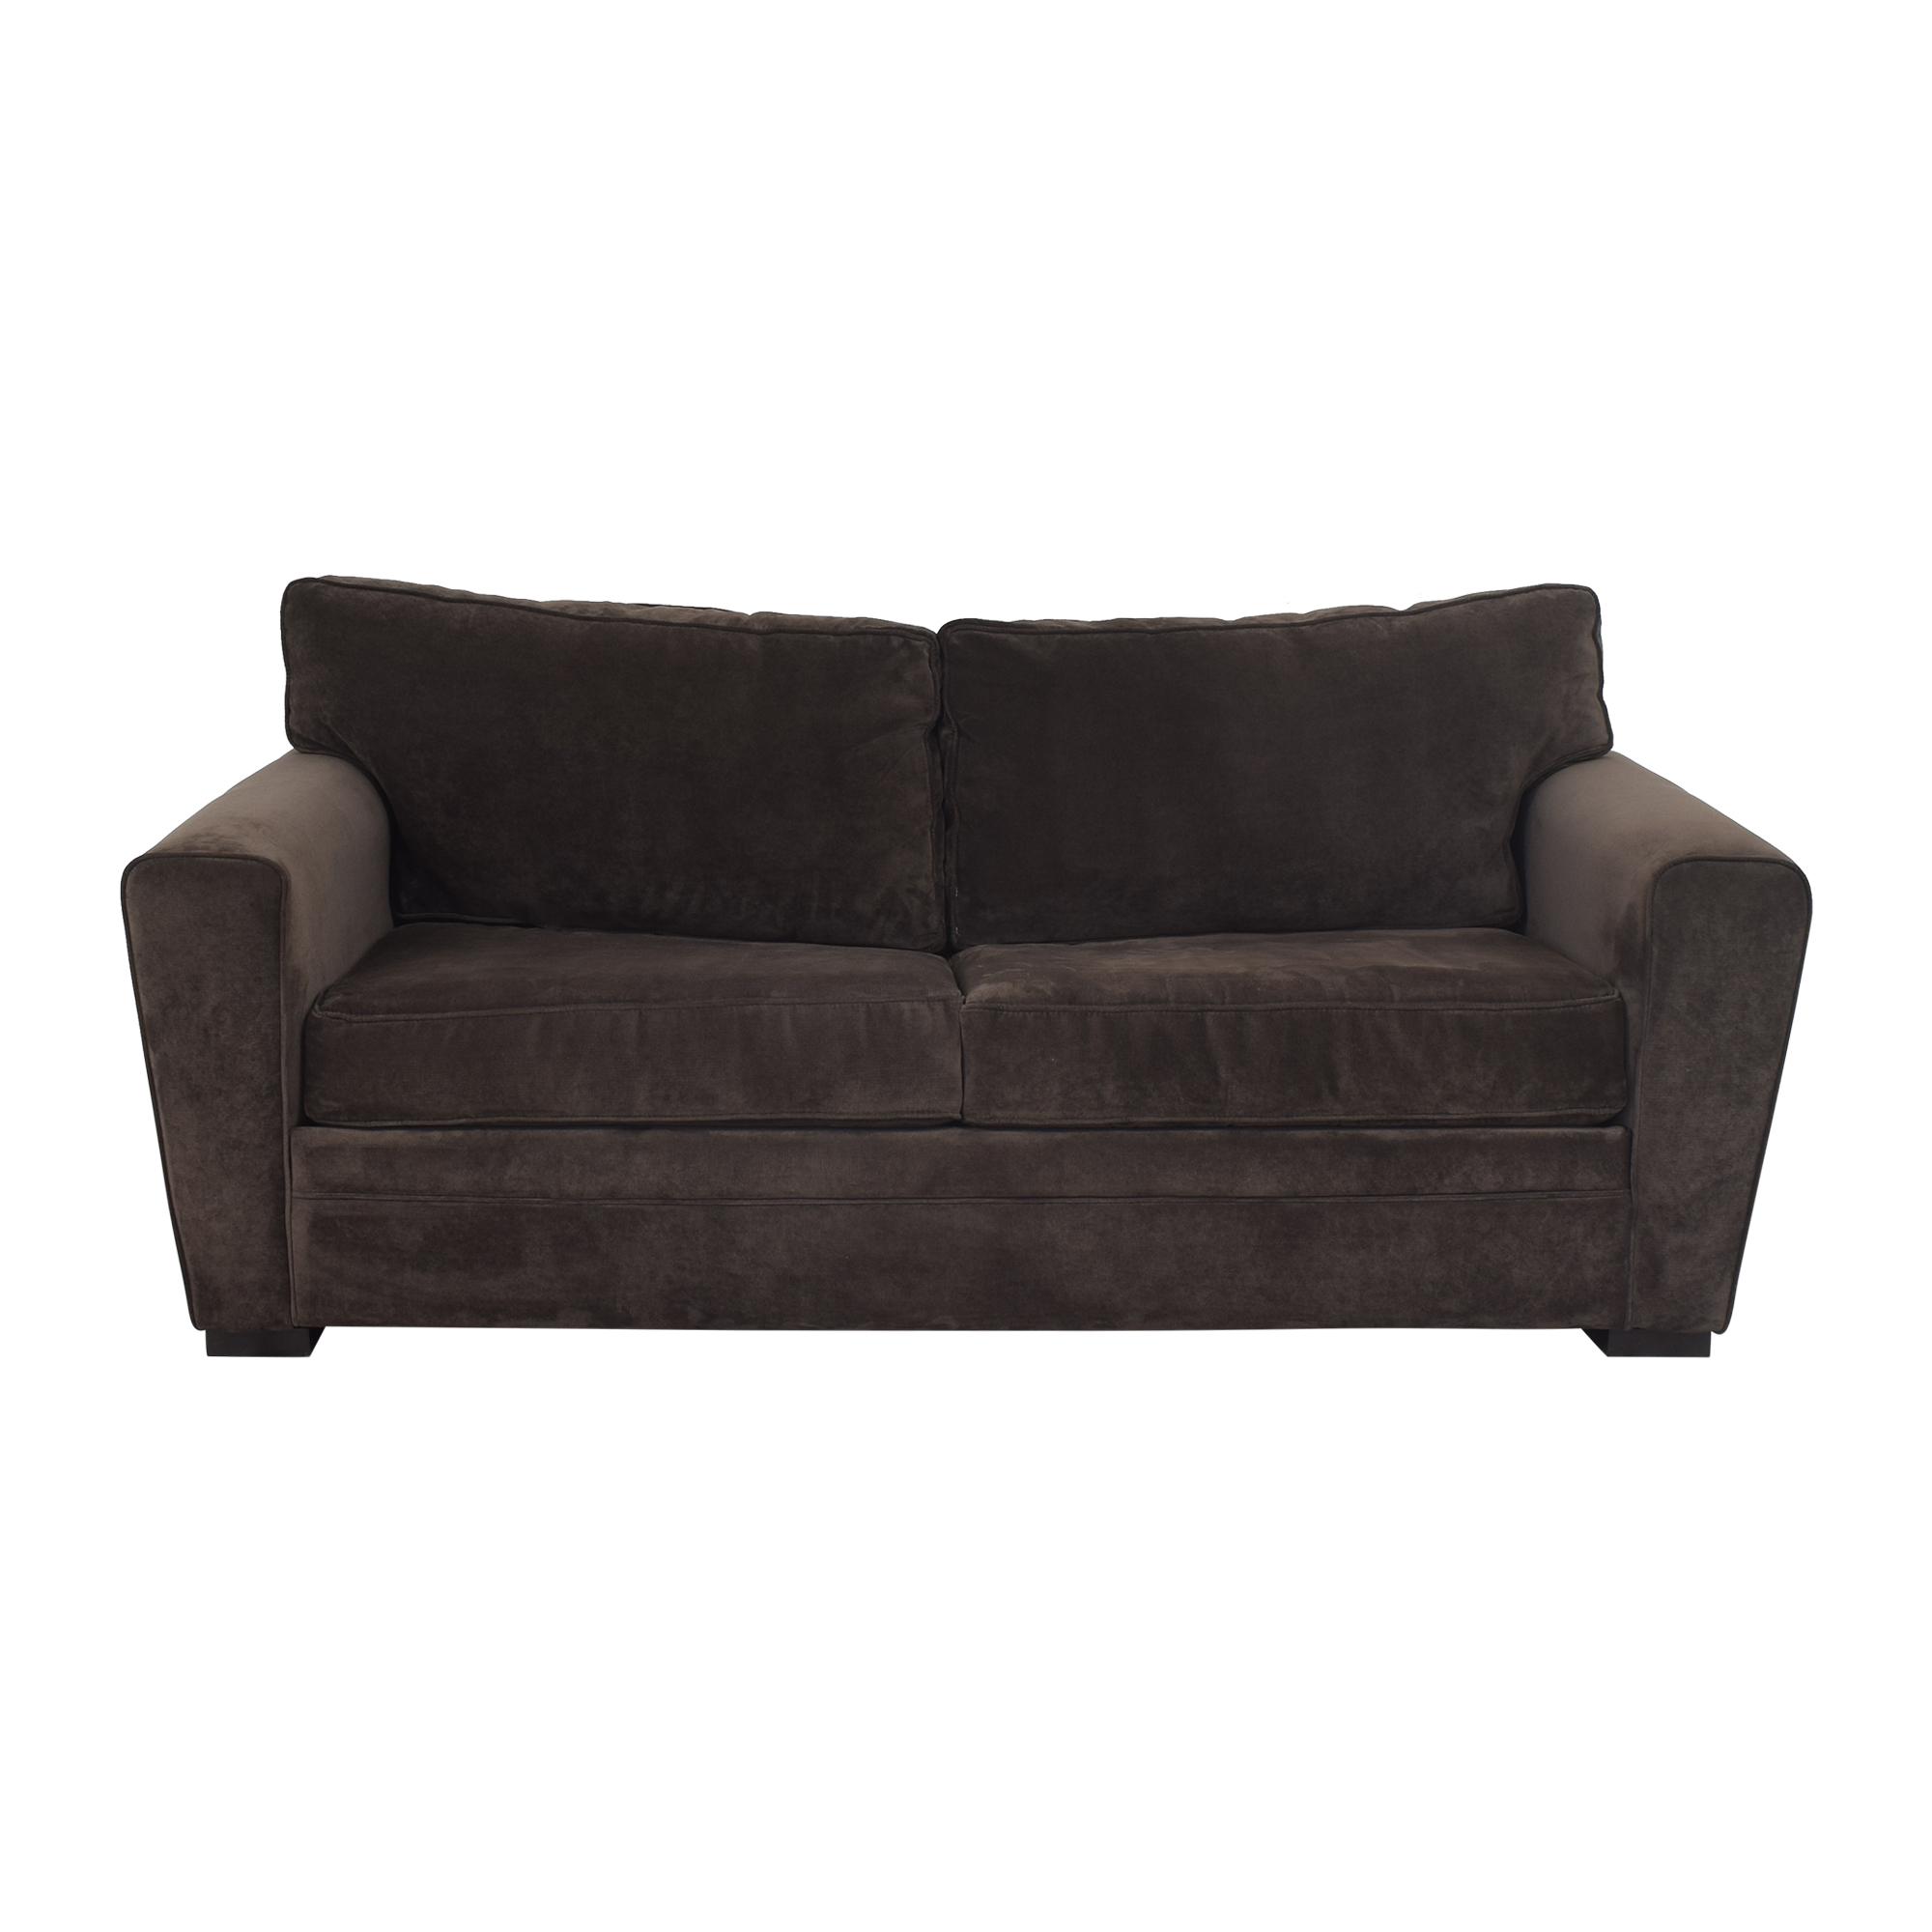 Raymour & Flanigan Raymour & Flanigan Artemis II Sleeper Sofa coupon